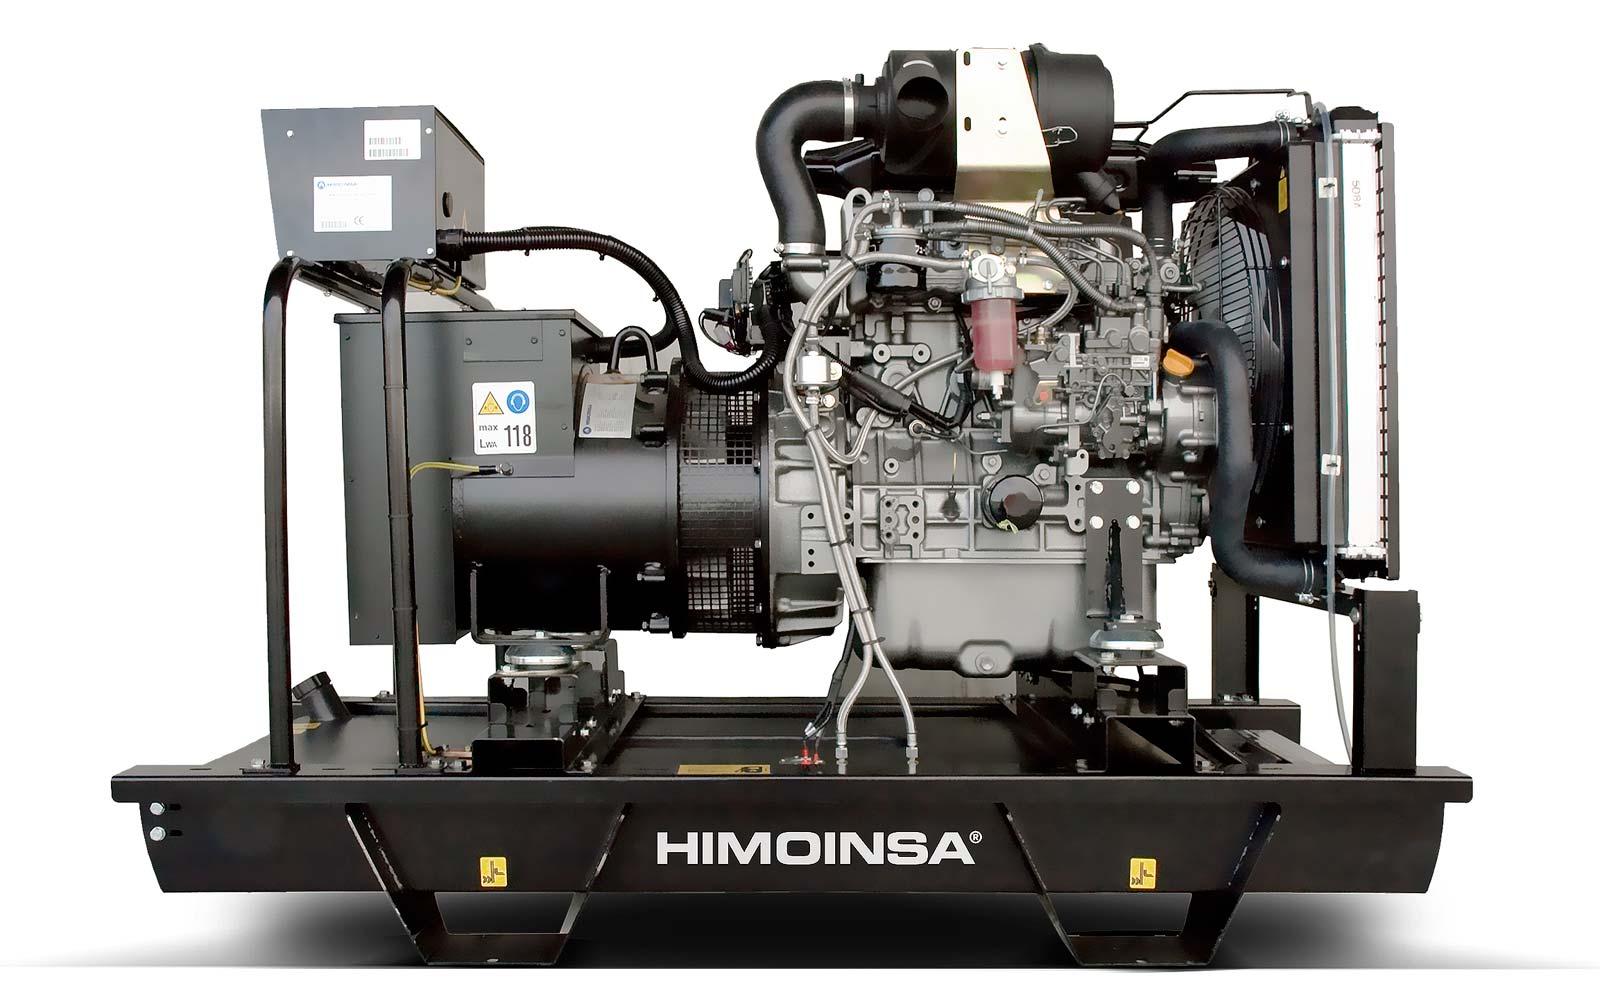 дизельная электростанция himoinsa hyw-9 m5